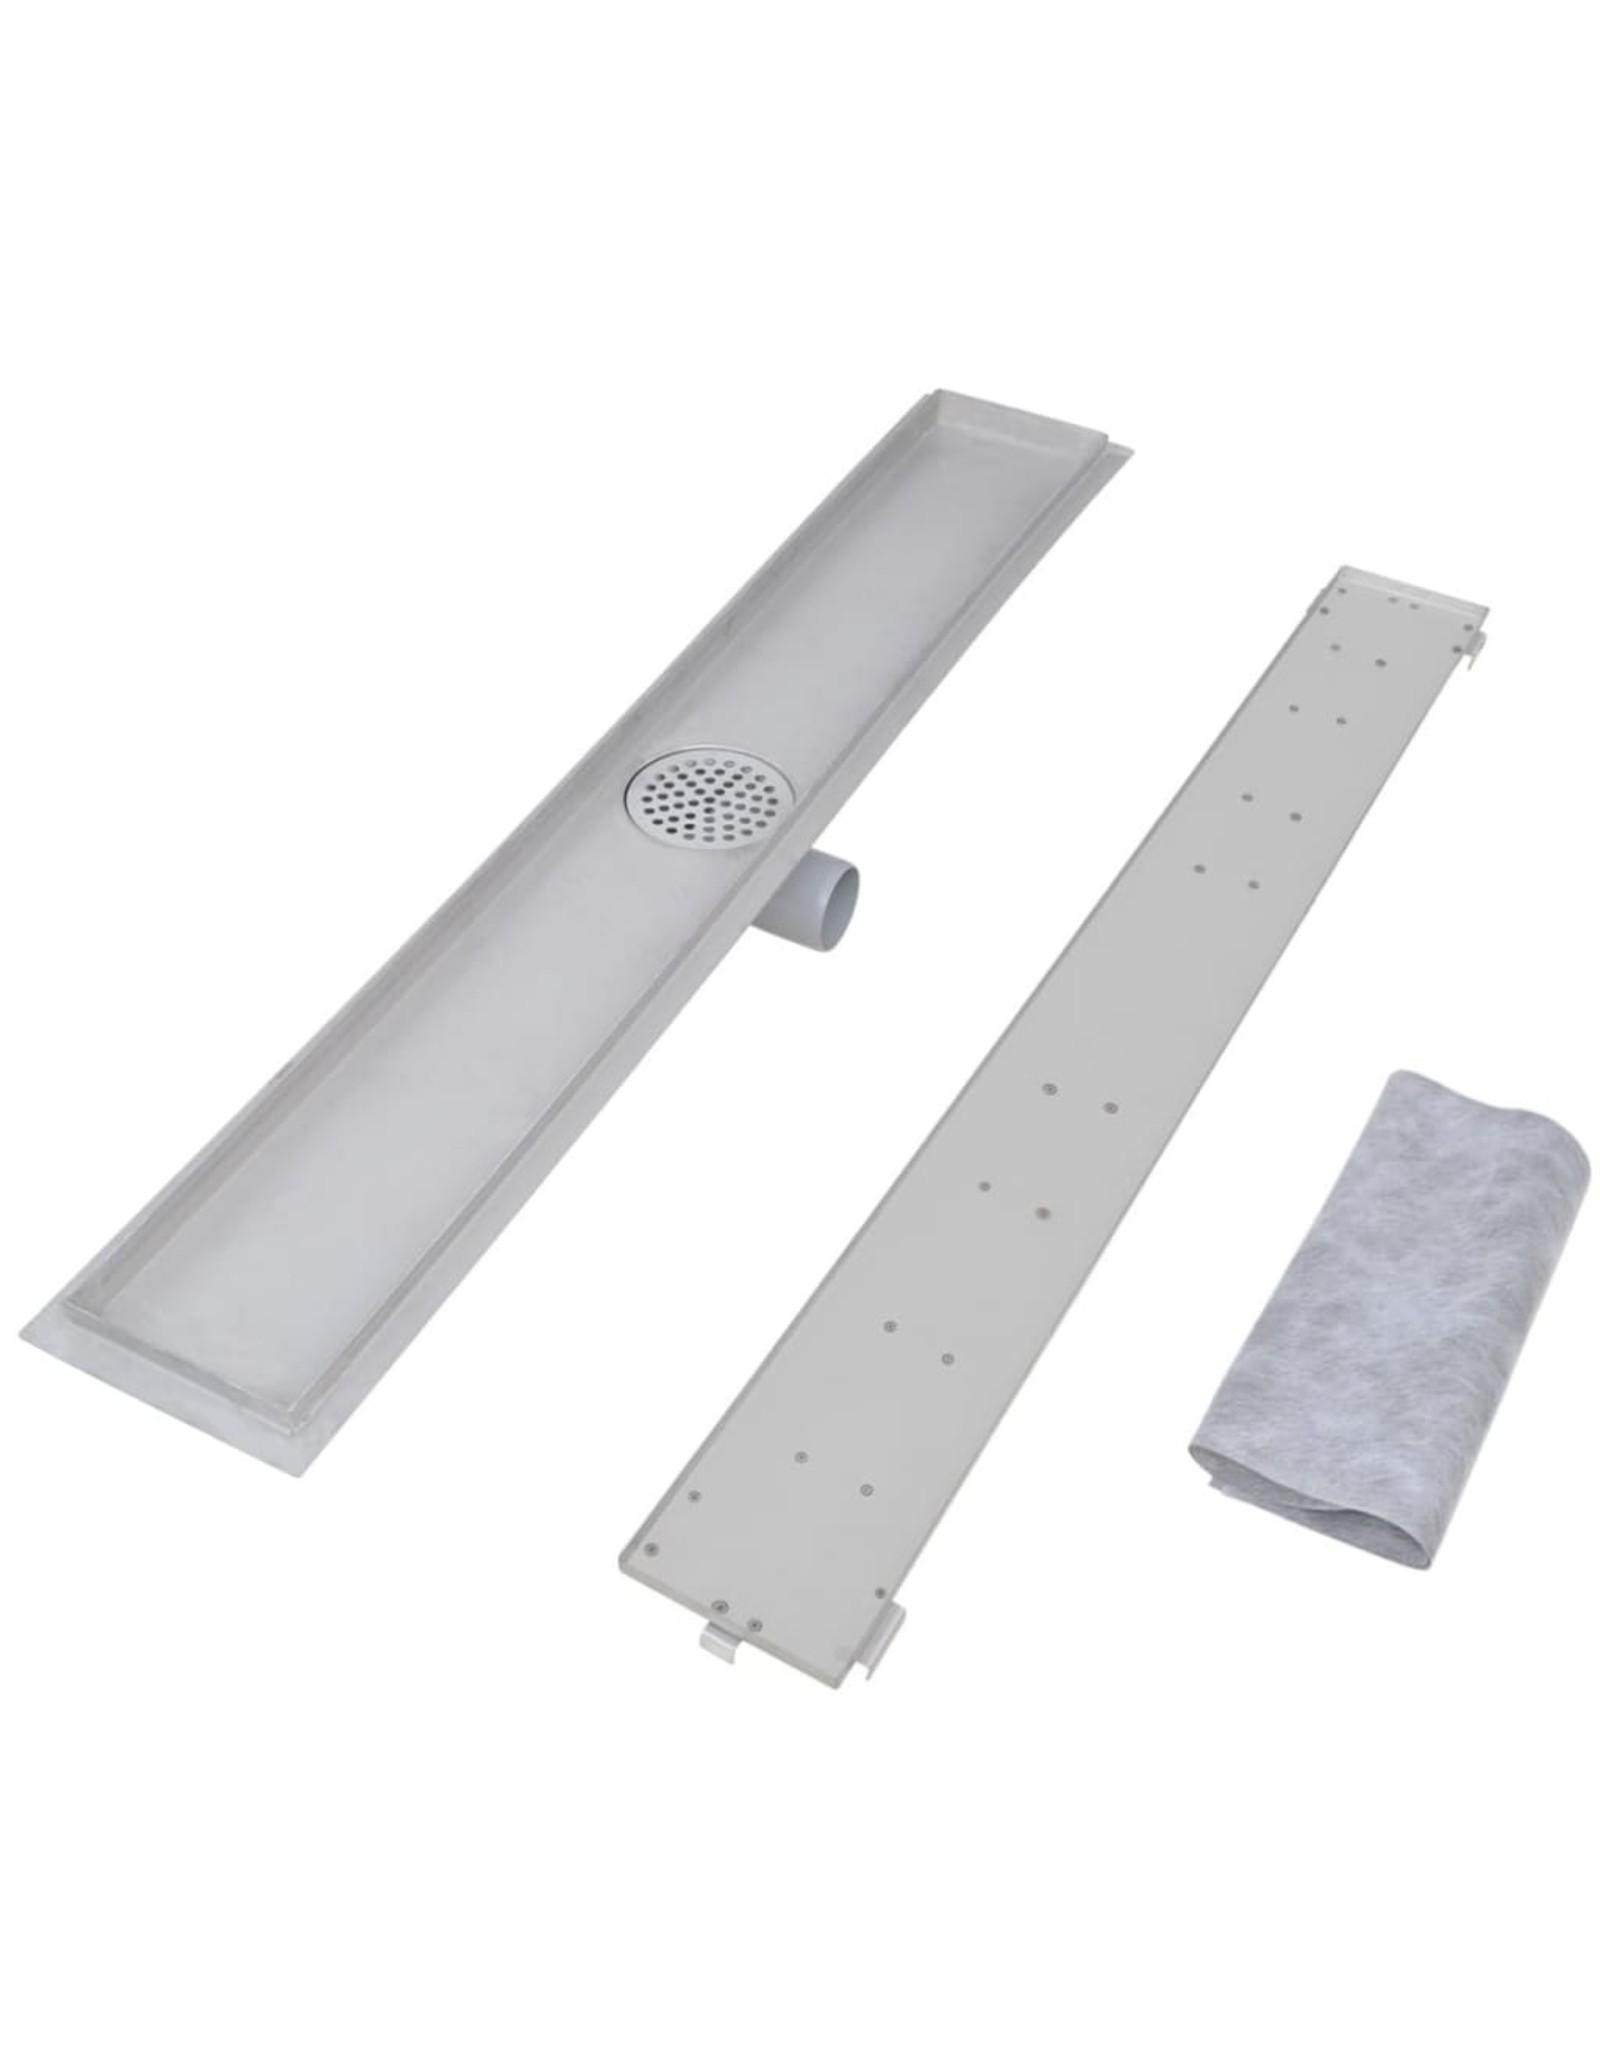 Doucheafvoer 2 st rechthoekig 930x140 mm roestvrij staal